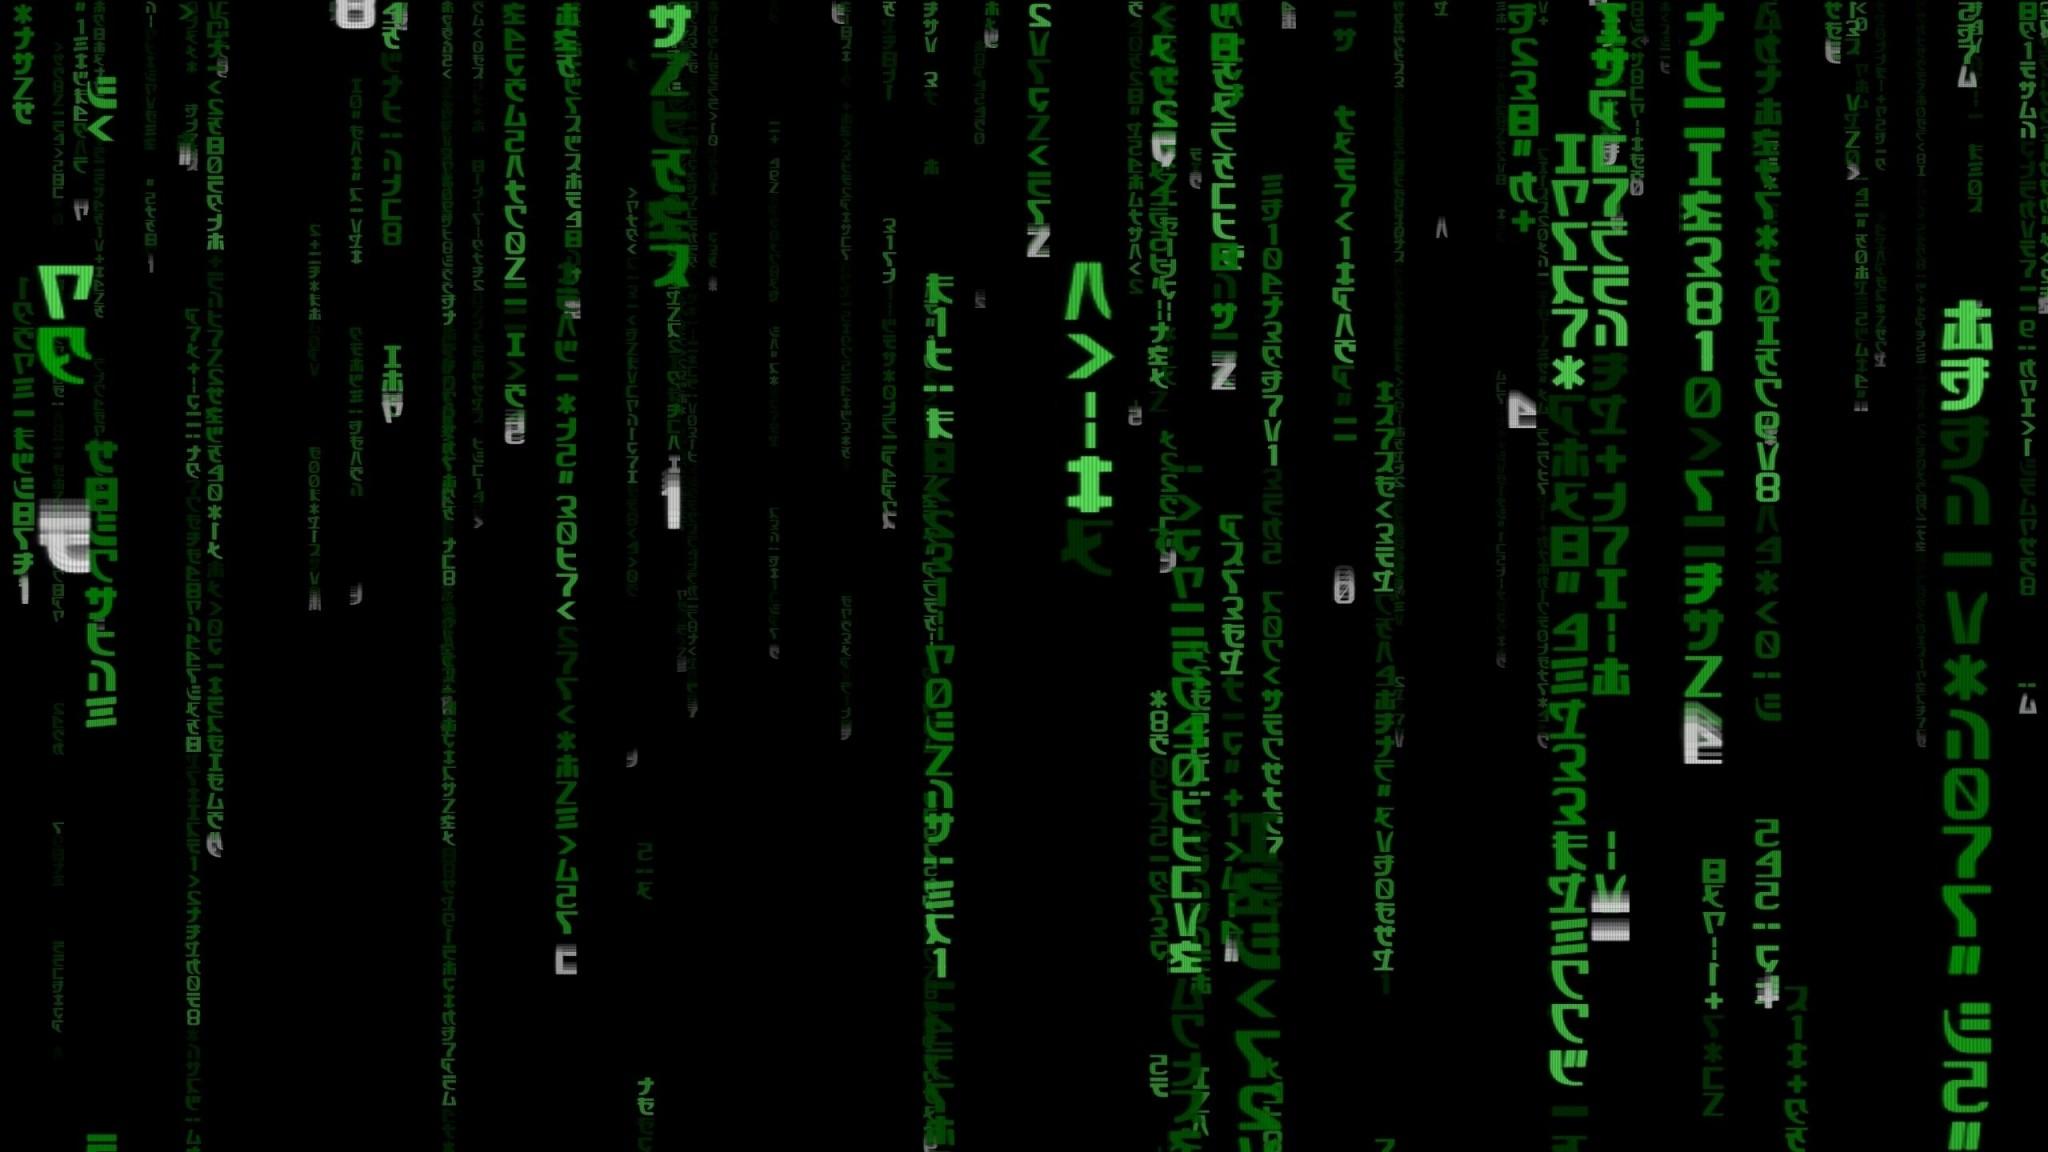 matrix high resolution wallpapers widescreen